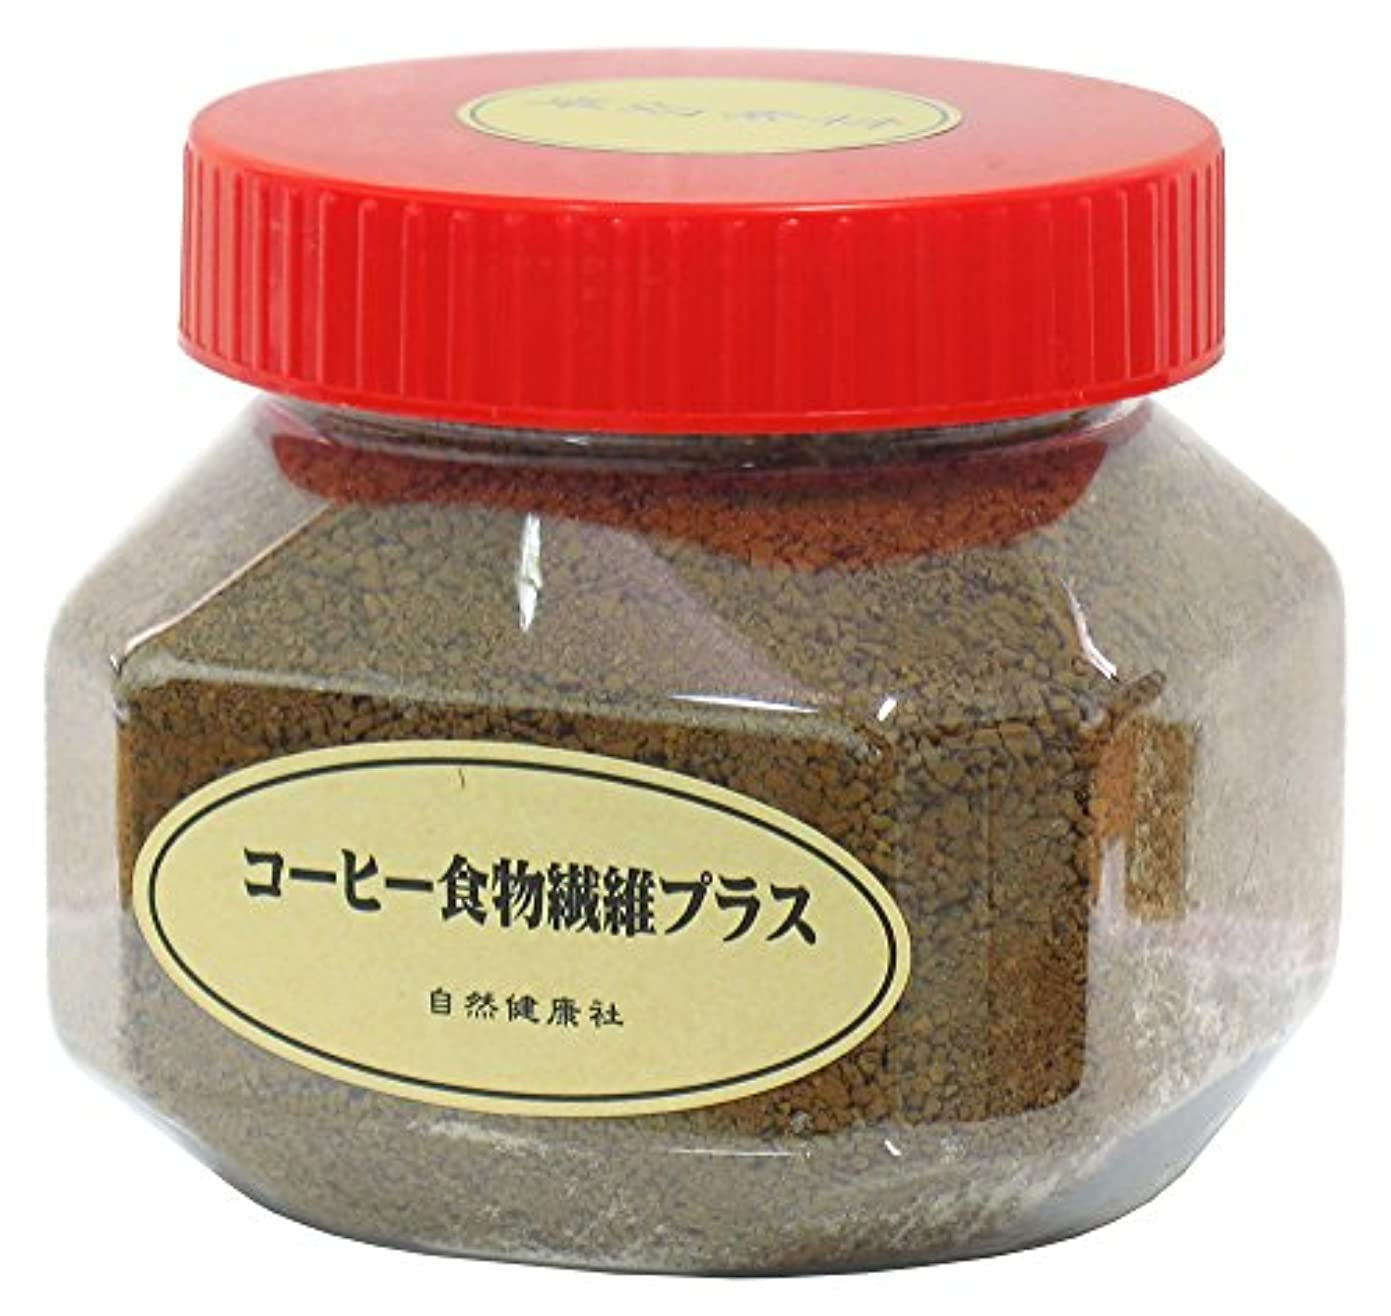 肥沃なクランプ食用自然健康社 コーヒー食物繊維プラス 250g 広口容器入り